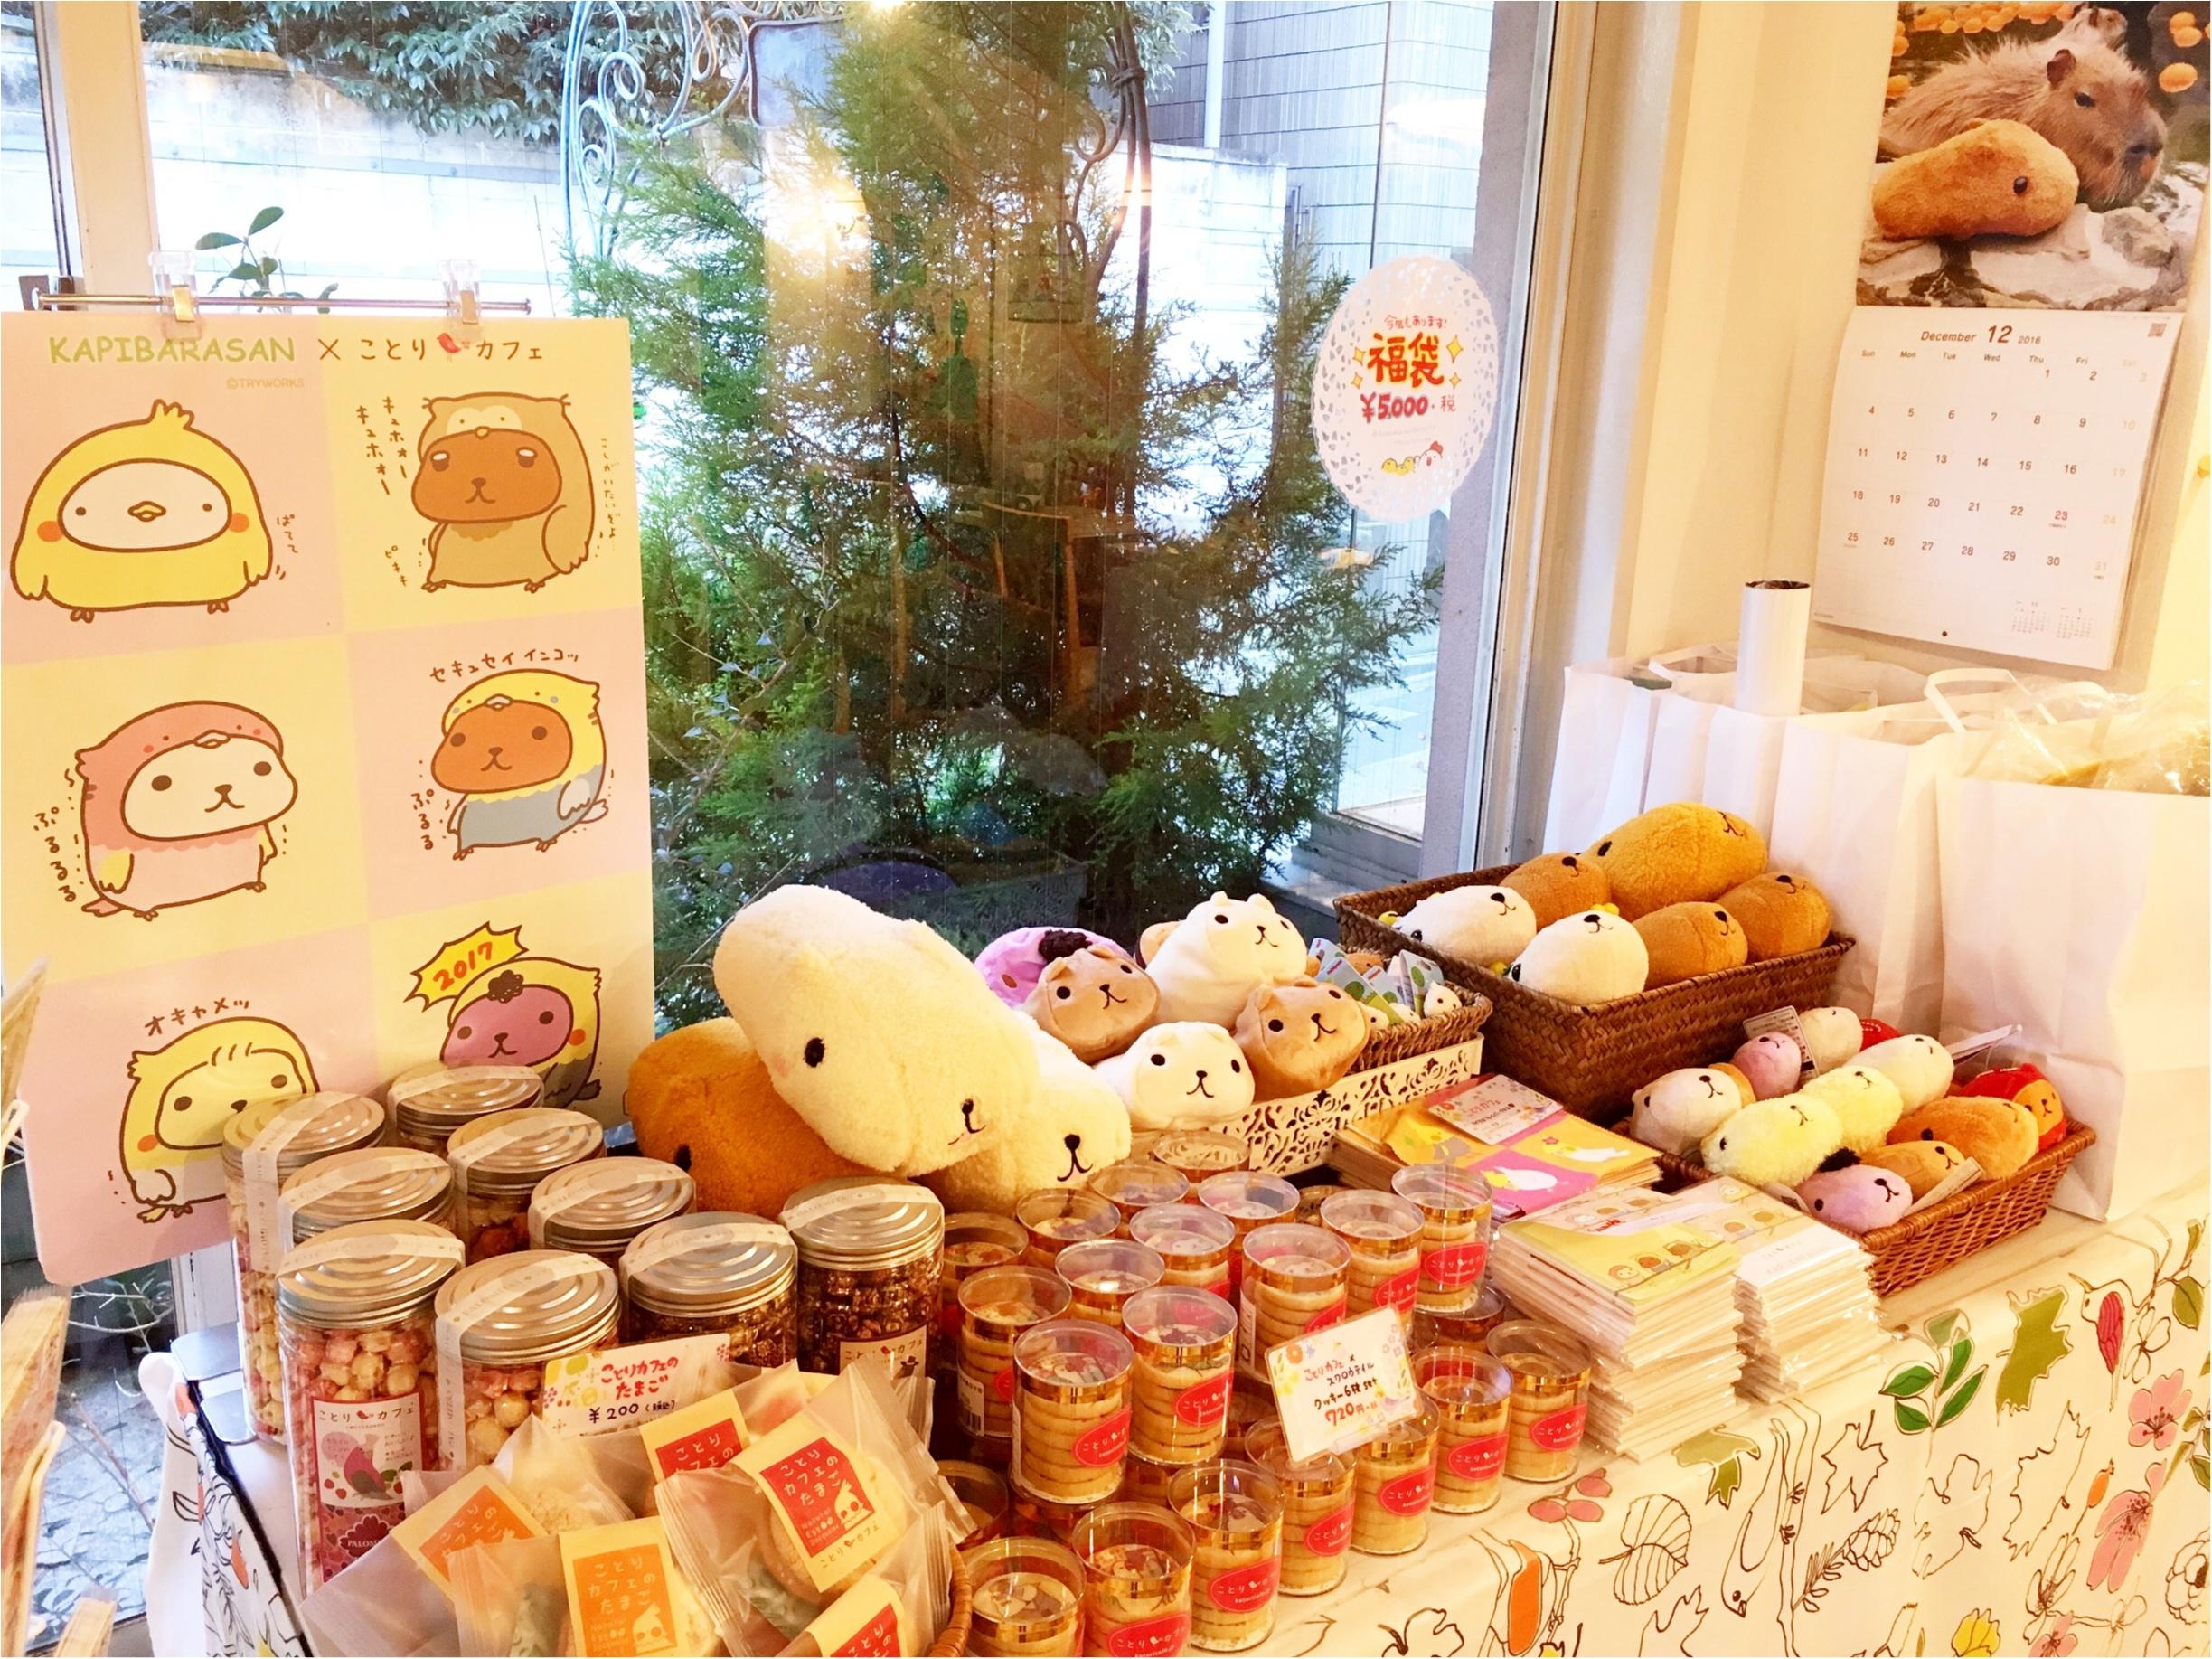 『カピバラさん×ことりカフェ』コラボ♡ことりカフェ表参道店でカピバラさんケーキを食べてきました(﹡´◡`﹡ )_5